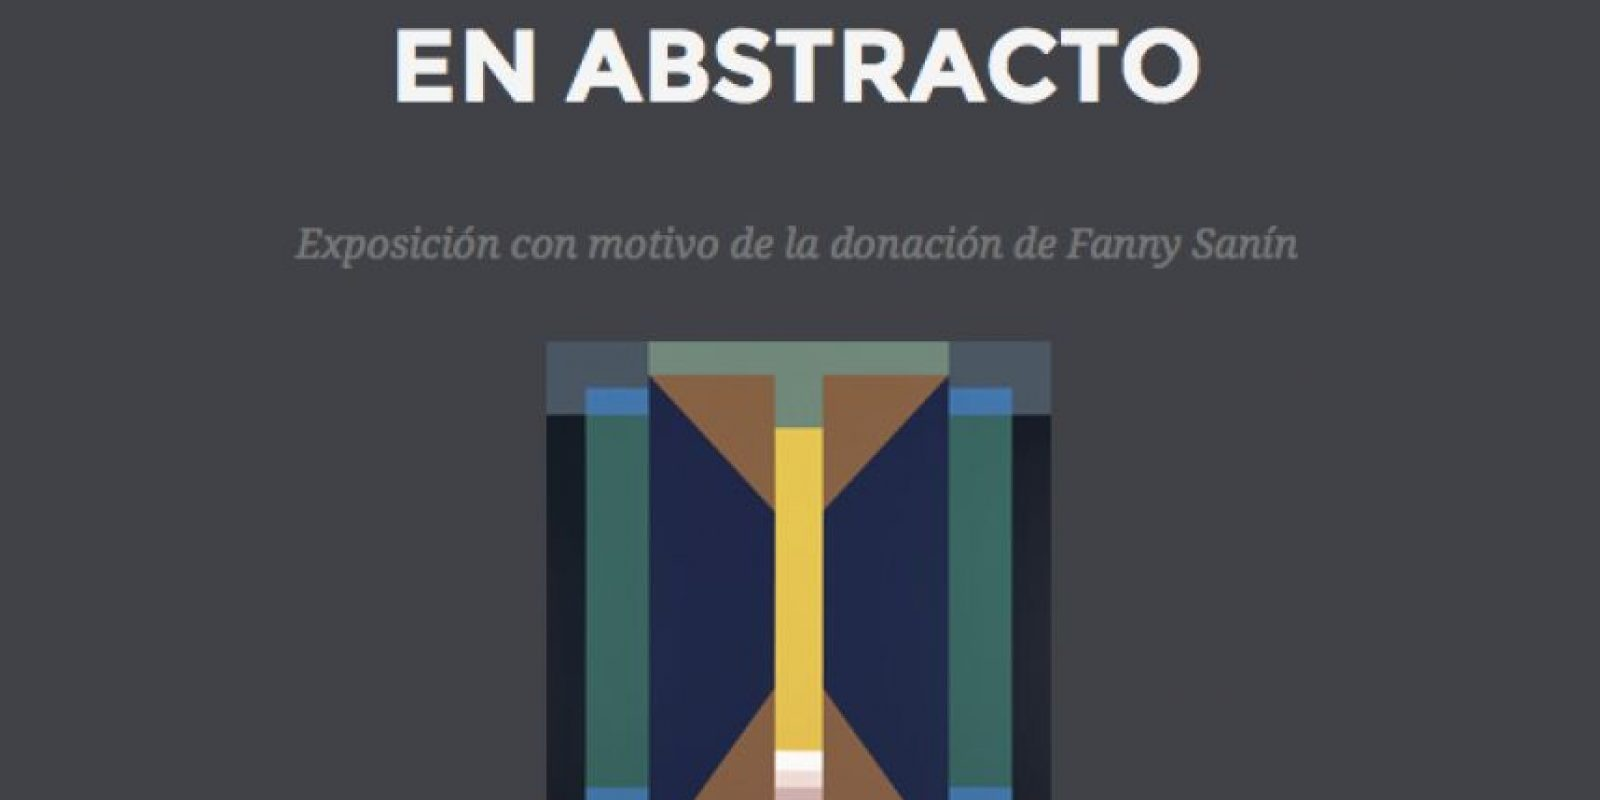 Foto:Museo Nacional 'En abstracto'